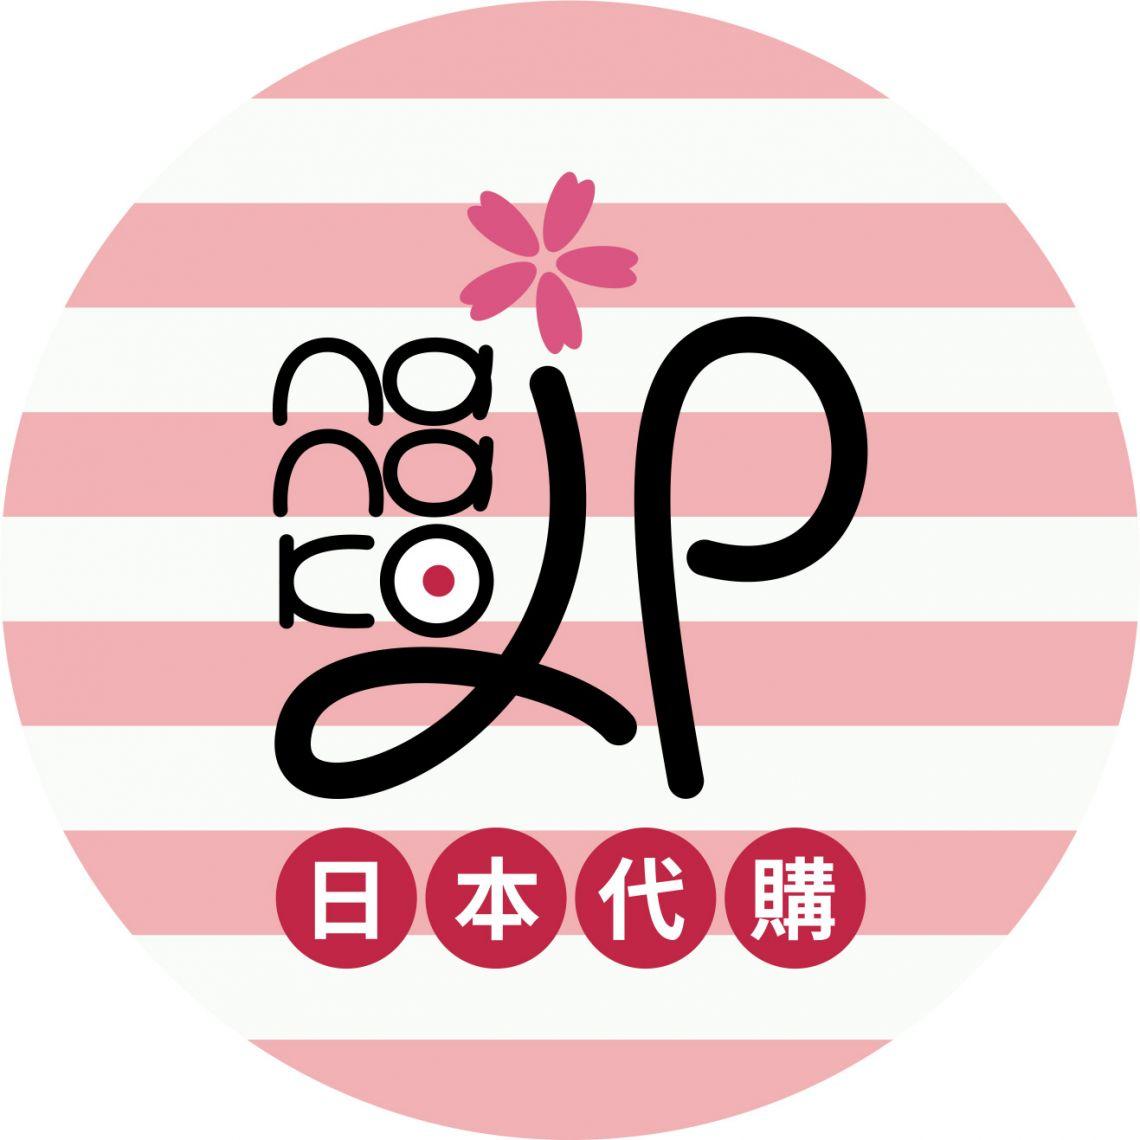 Nanako日本代購 日本進口服飾-中大尺碼,國際精品